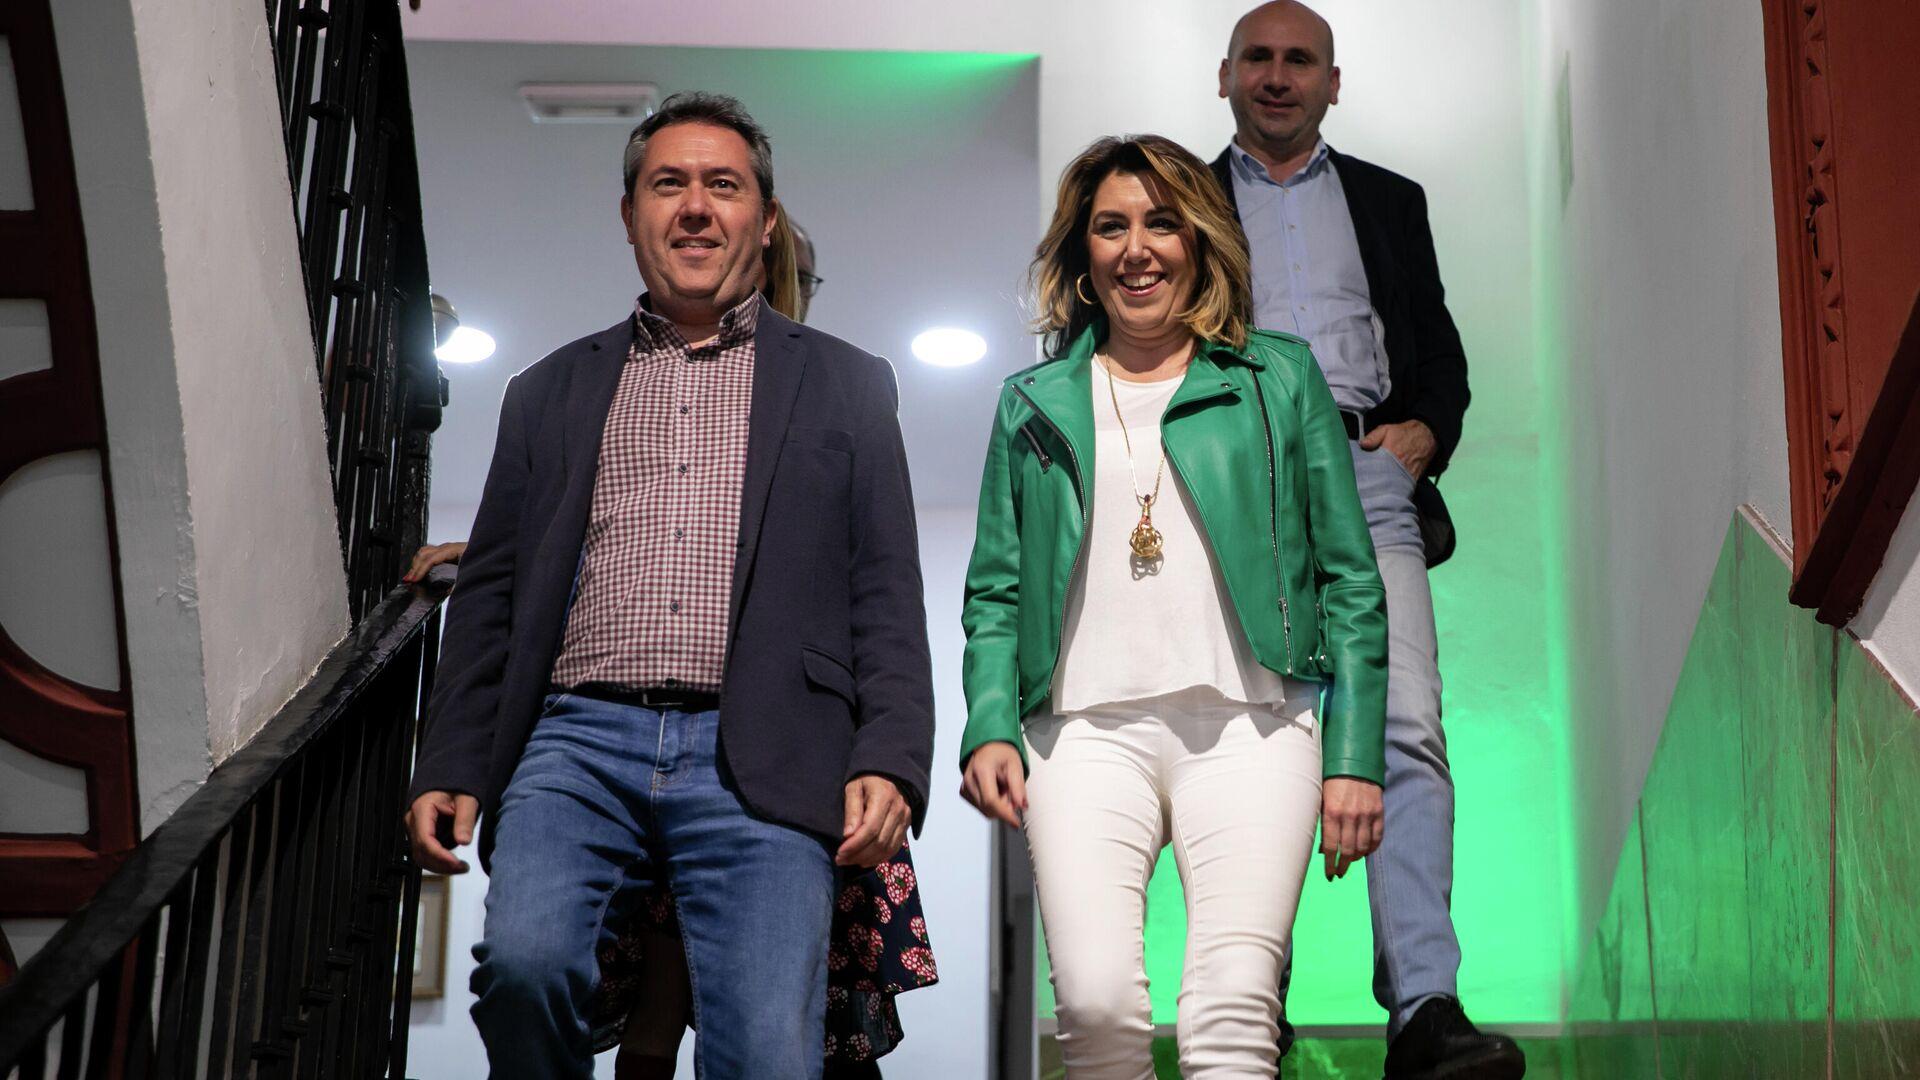 Susana Díaz y Juan Espadas en la sede socialista - Sputnik Mundo, 1920, 28.05.2021